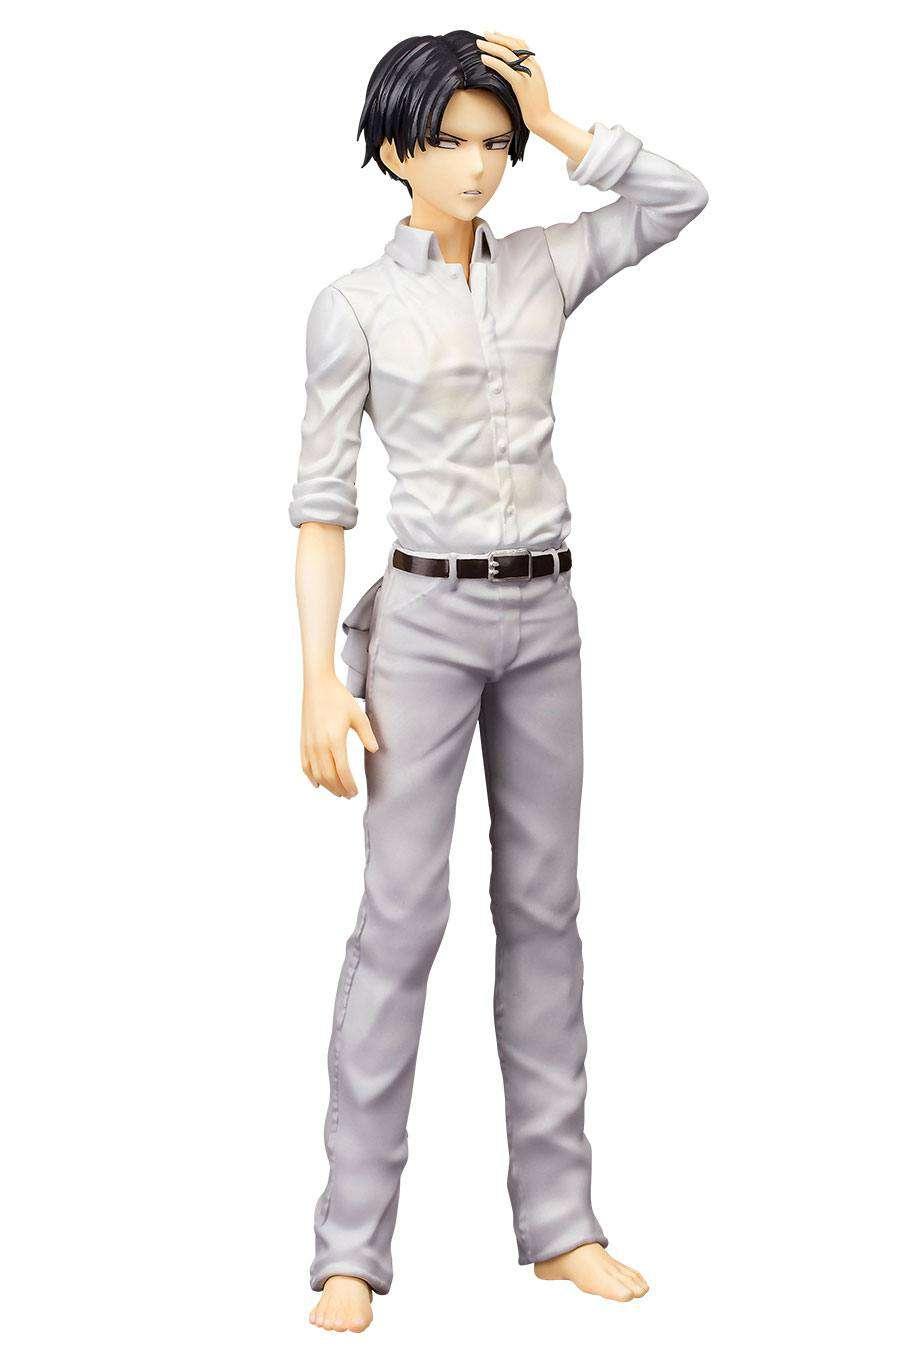 Attack On Titan Levi Statue Allblue World Anime Figuren